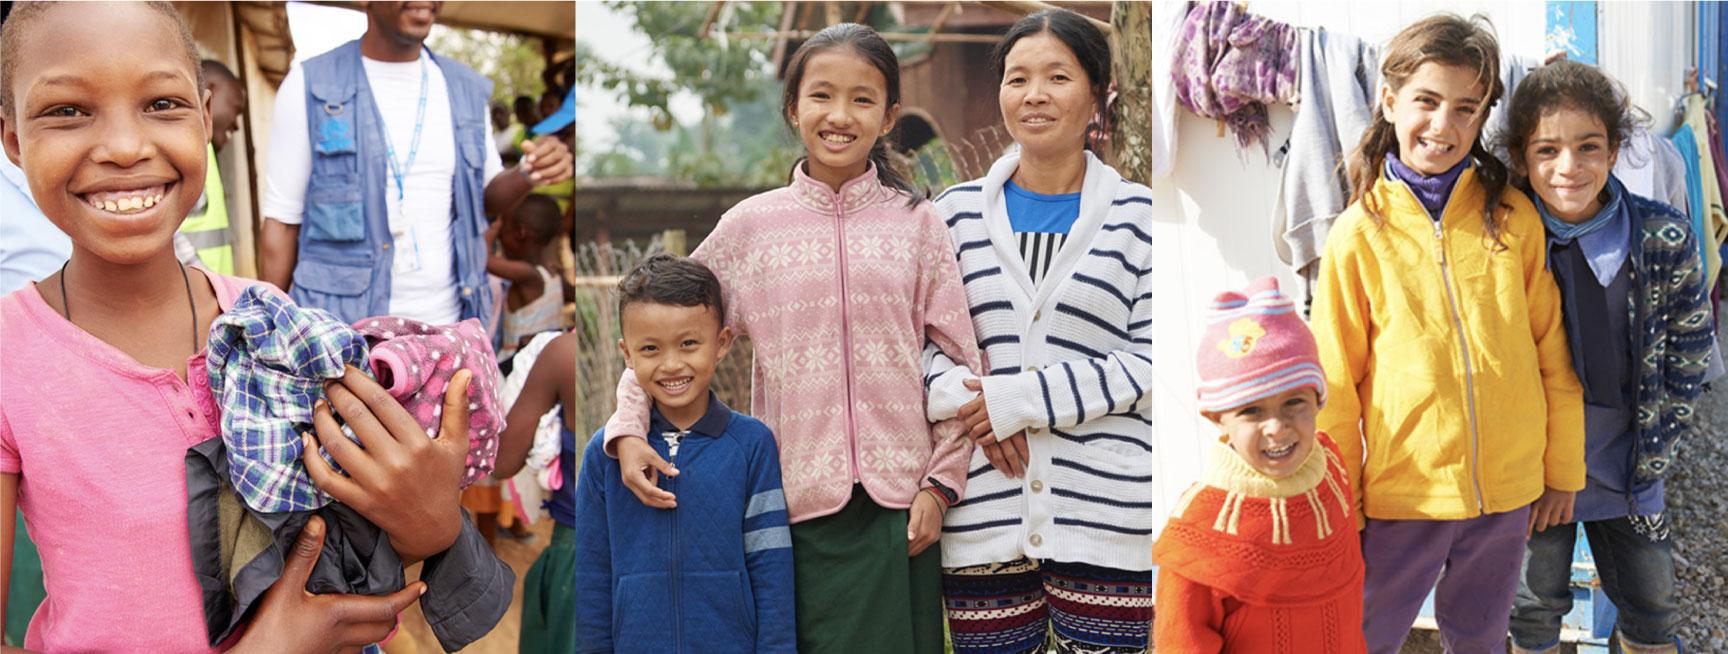 ユニクロ|サステナビリティ|衣料支援 現地フォトレポート